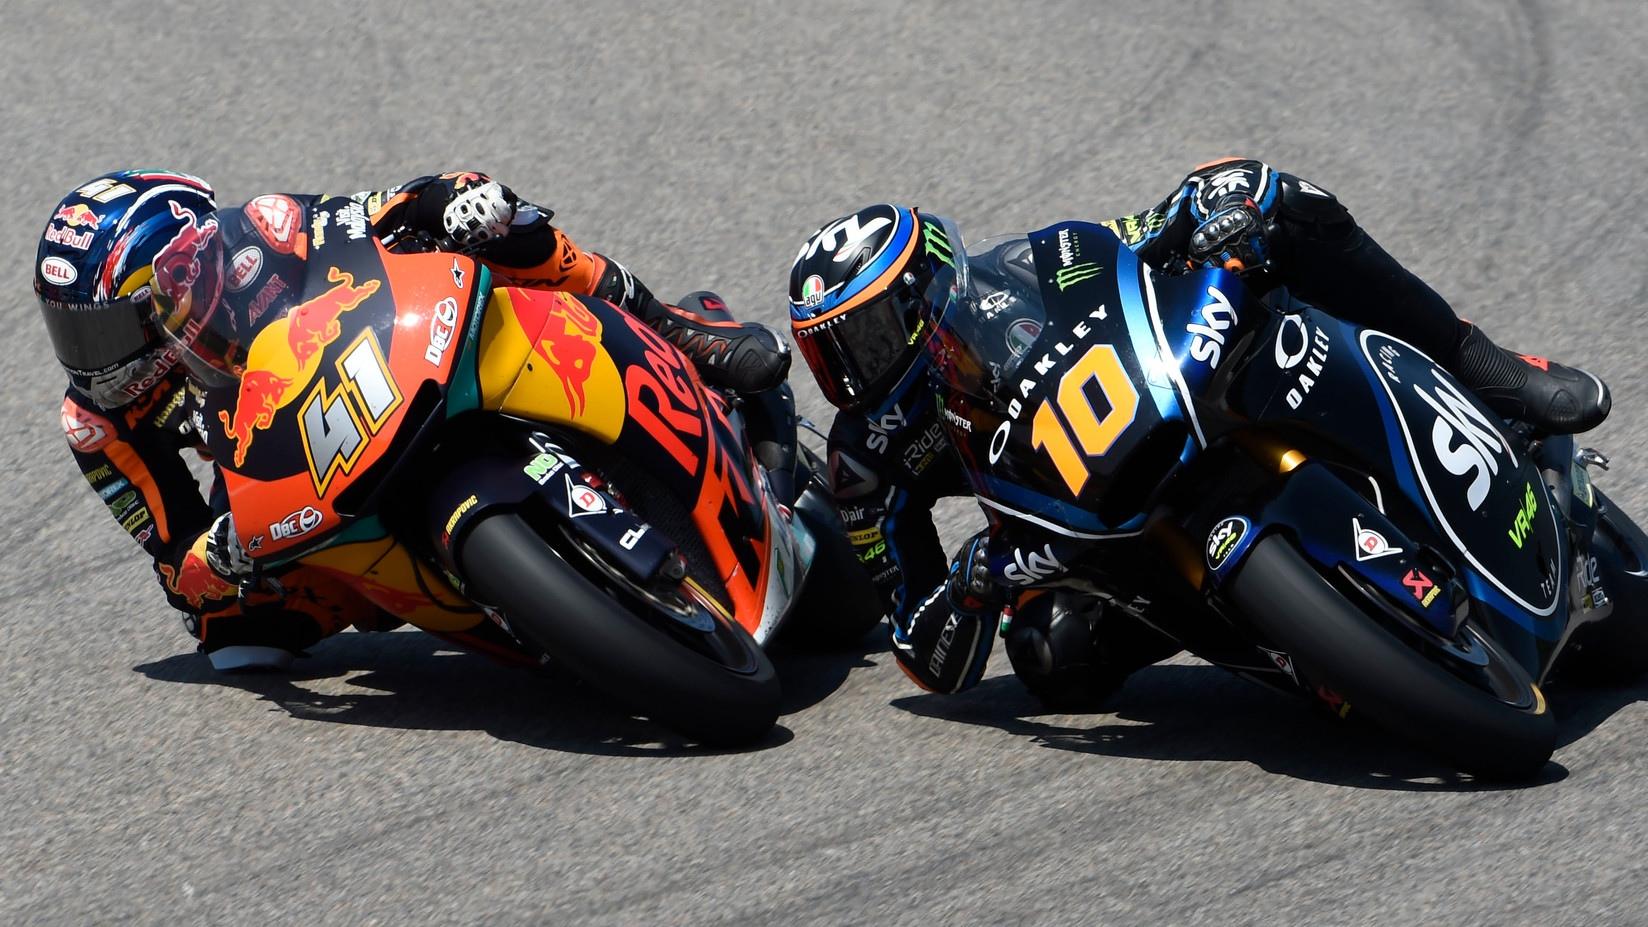 Moto2 2019: pilotos, motos, calendario, 6 españoles y cinco favoritos